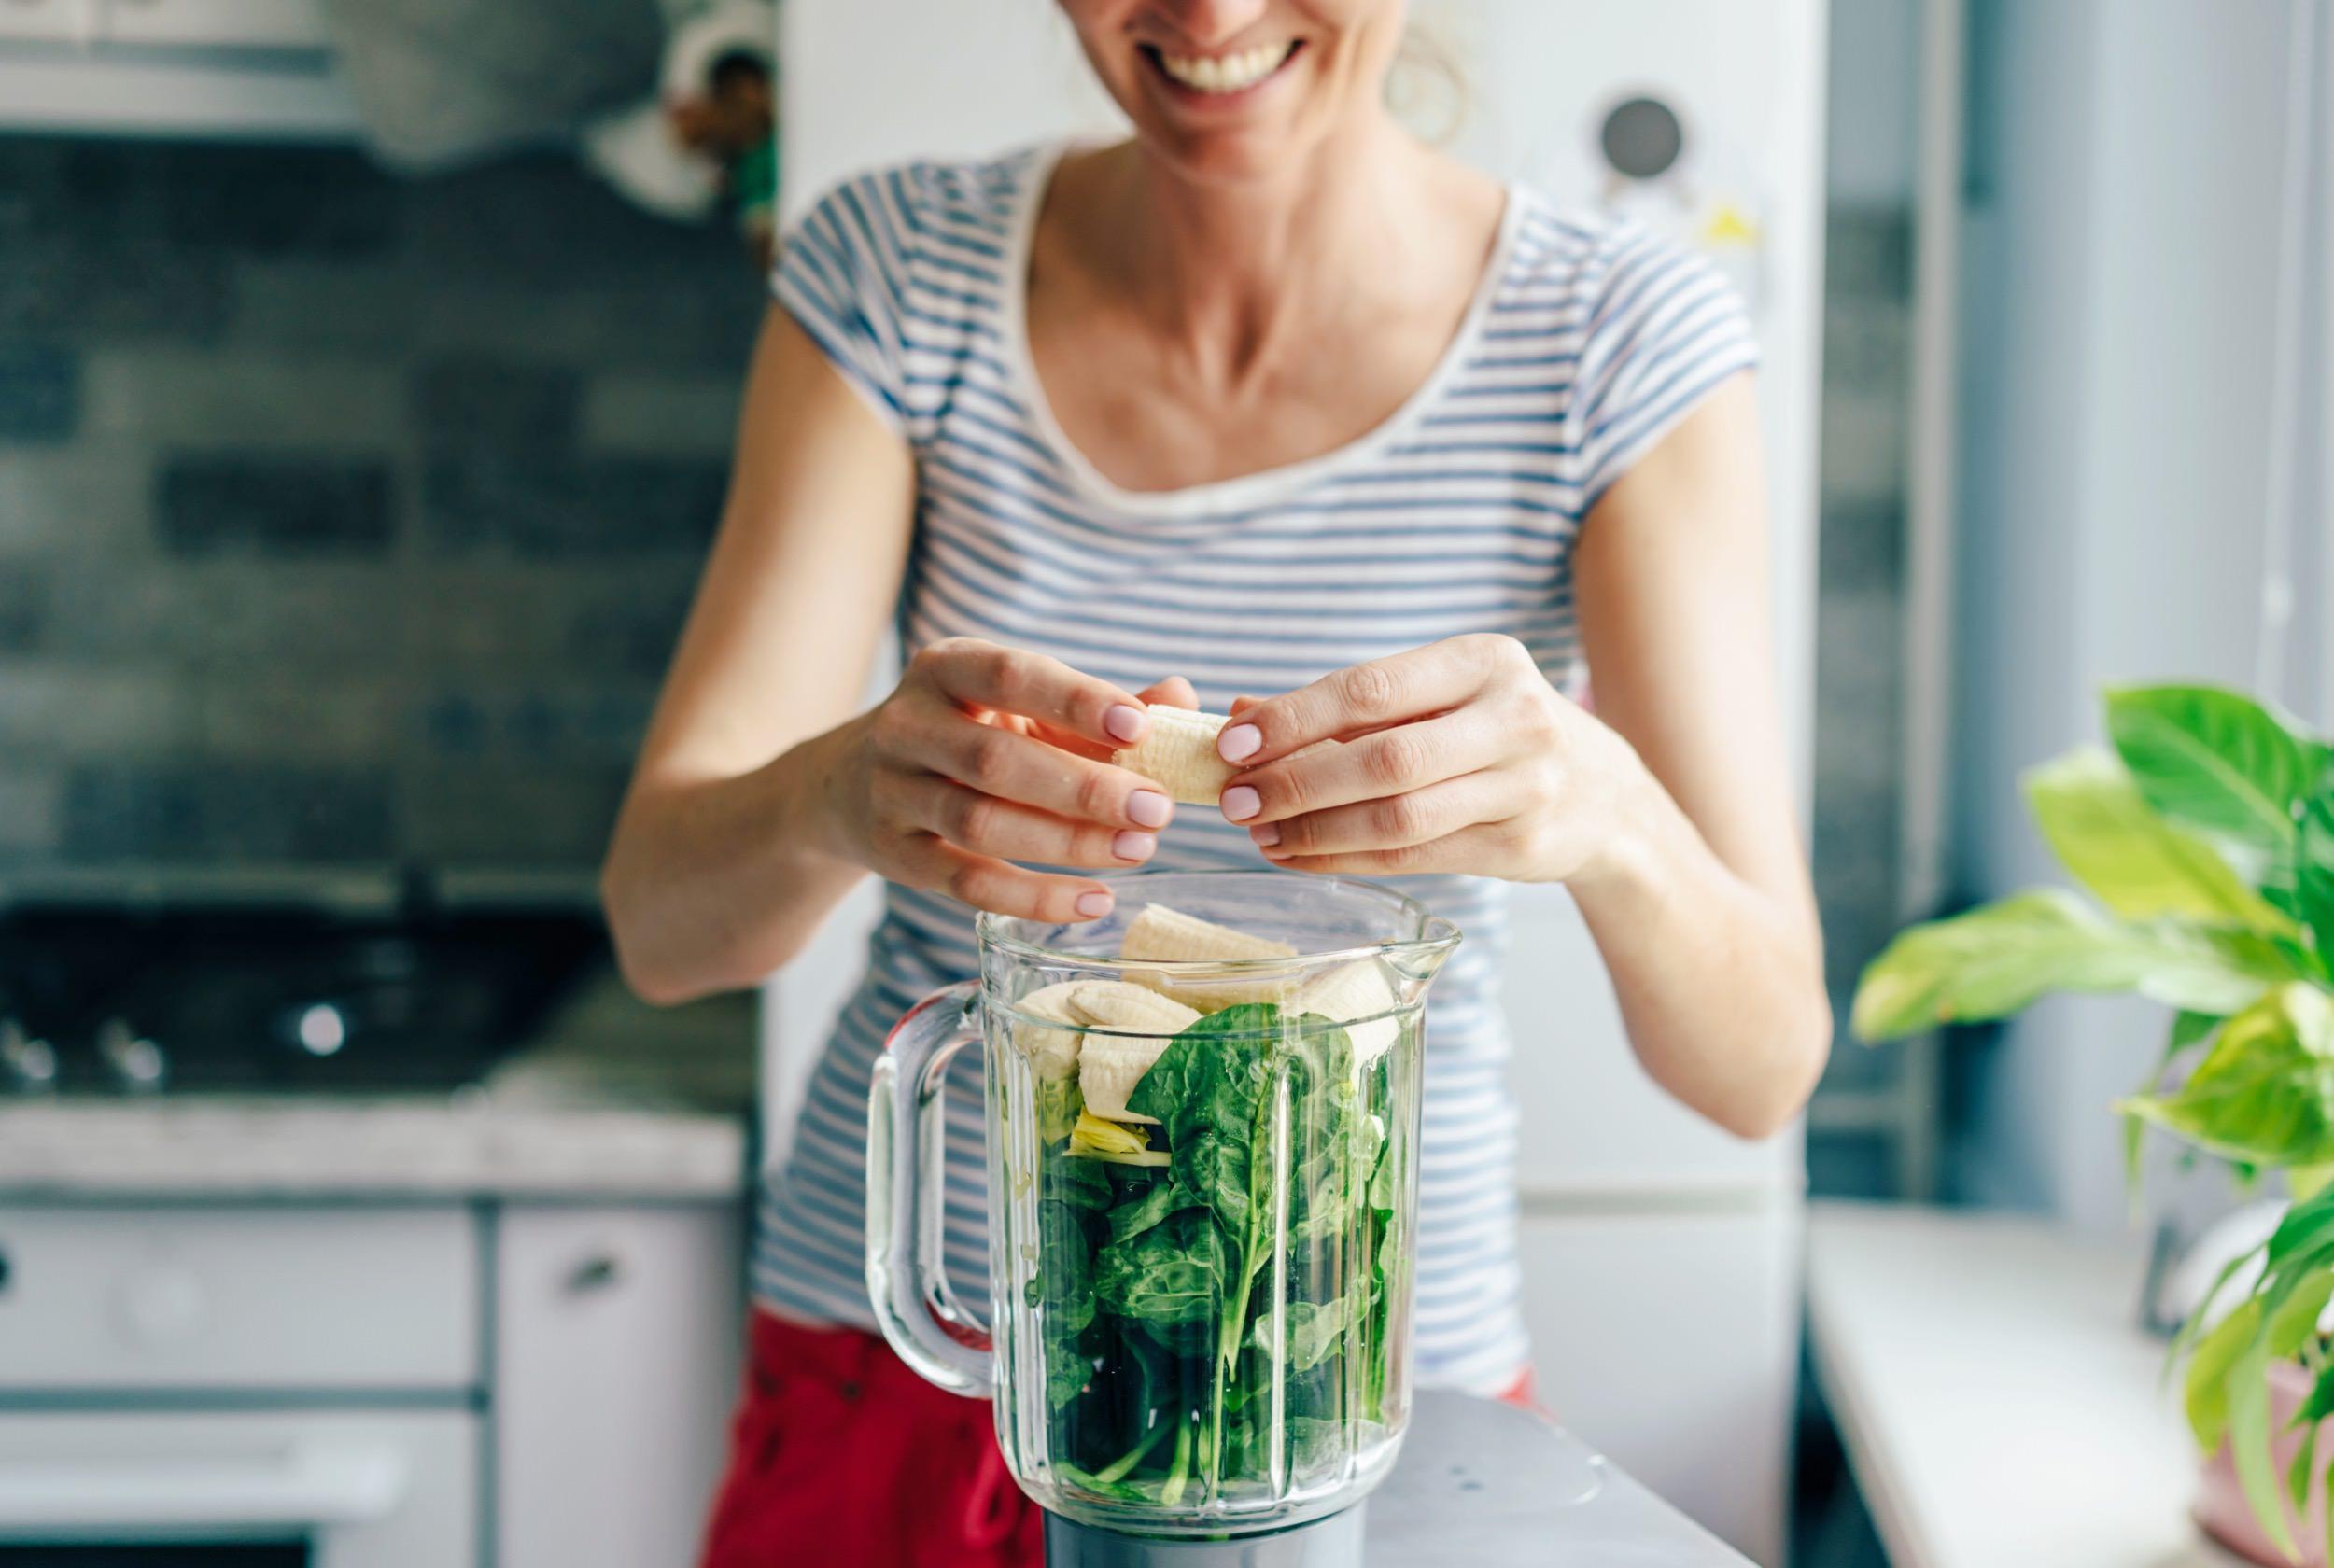 Woman prepares greens in a blender